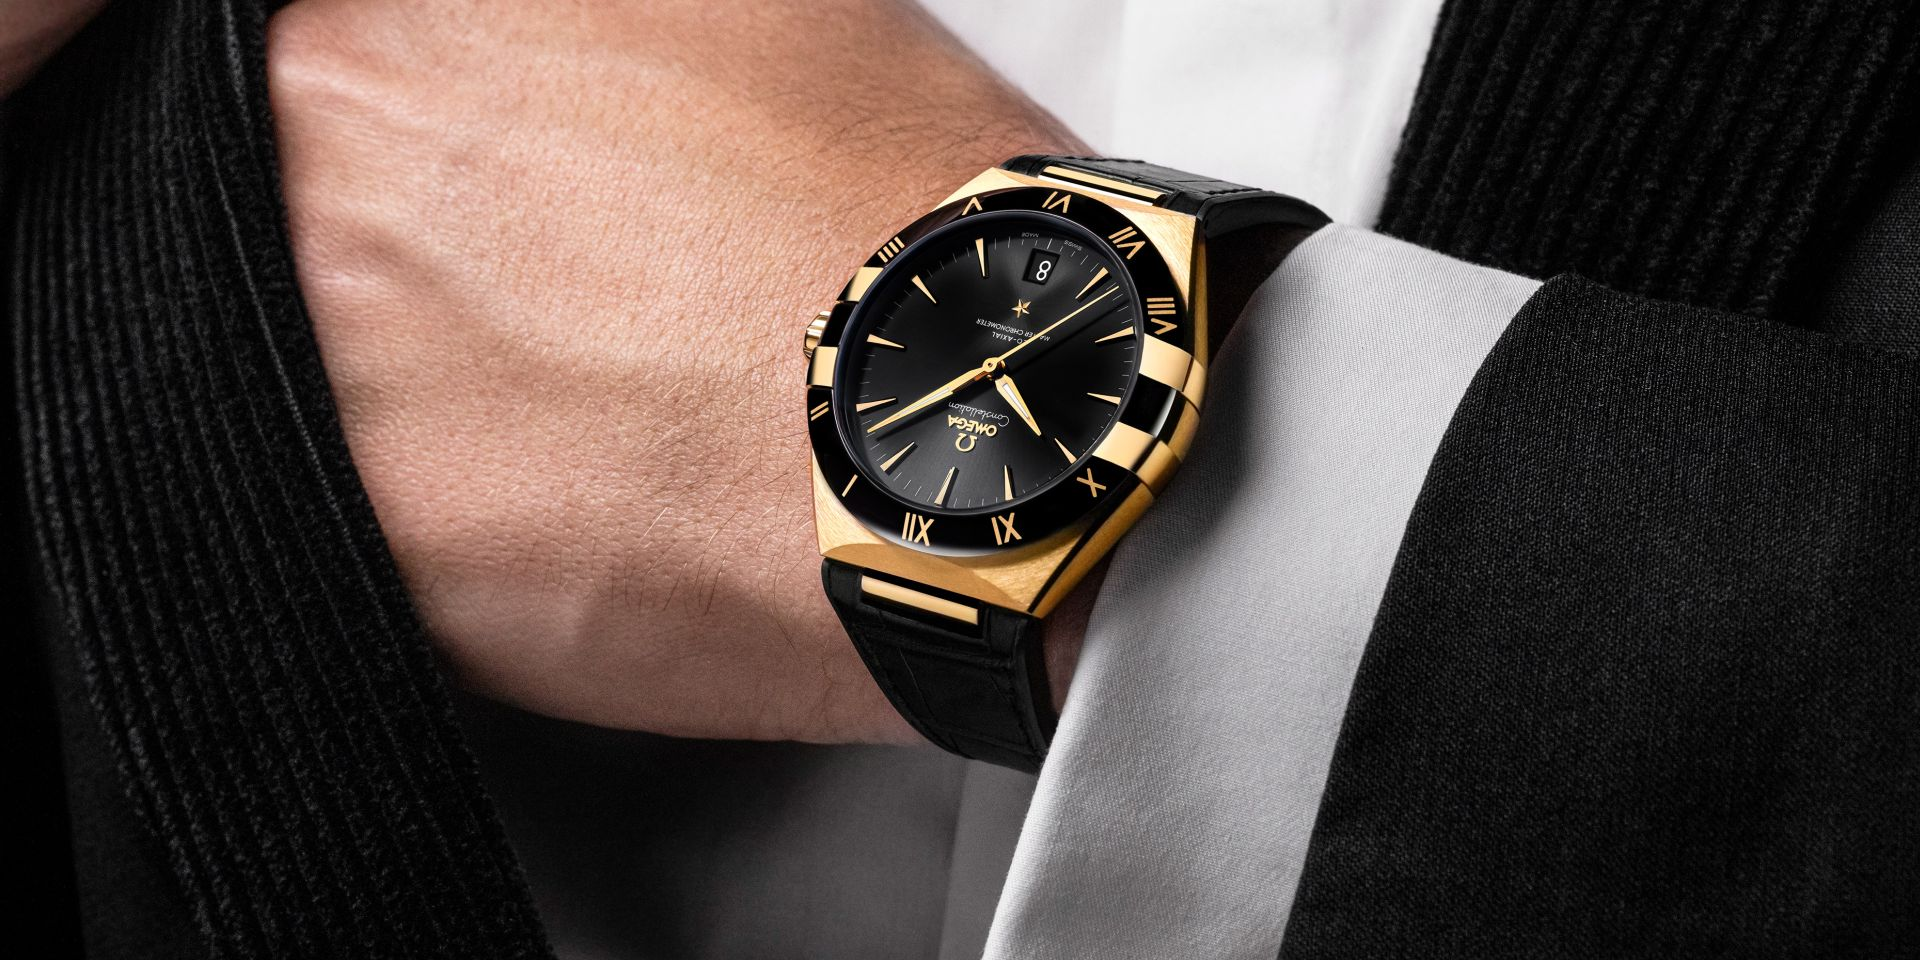 【2020線上錶展】歐米茄推出全新Constellation 星座同軸擒縱41毫米大師天文台腕錶